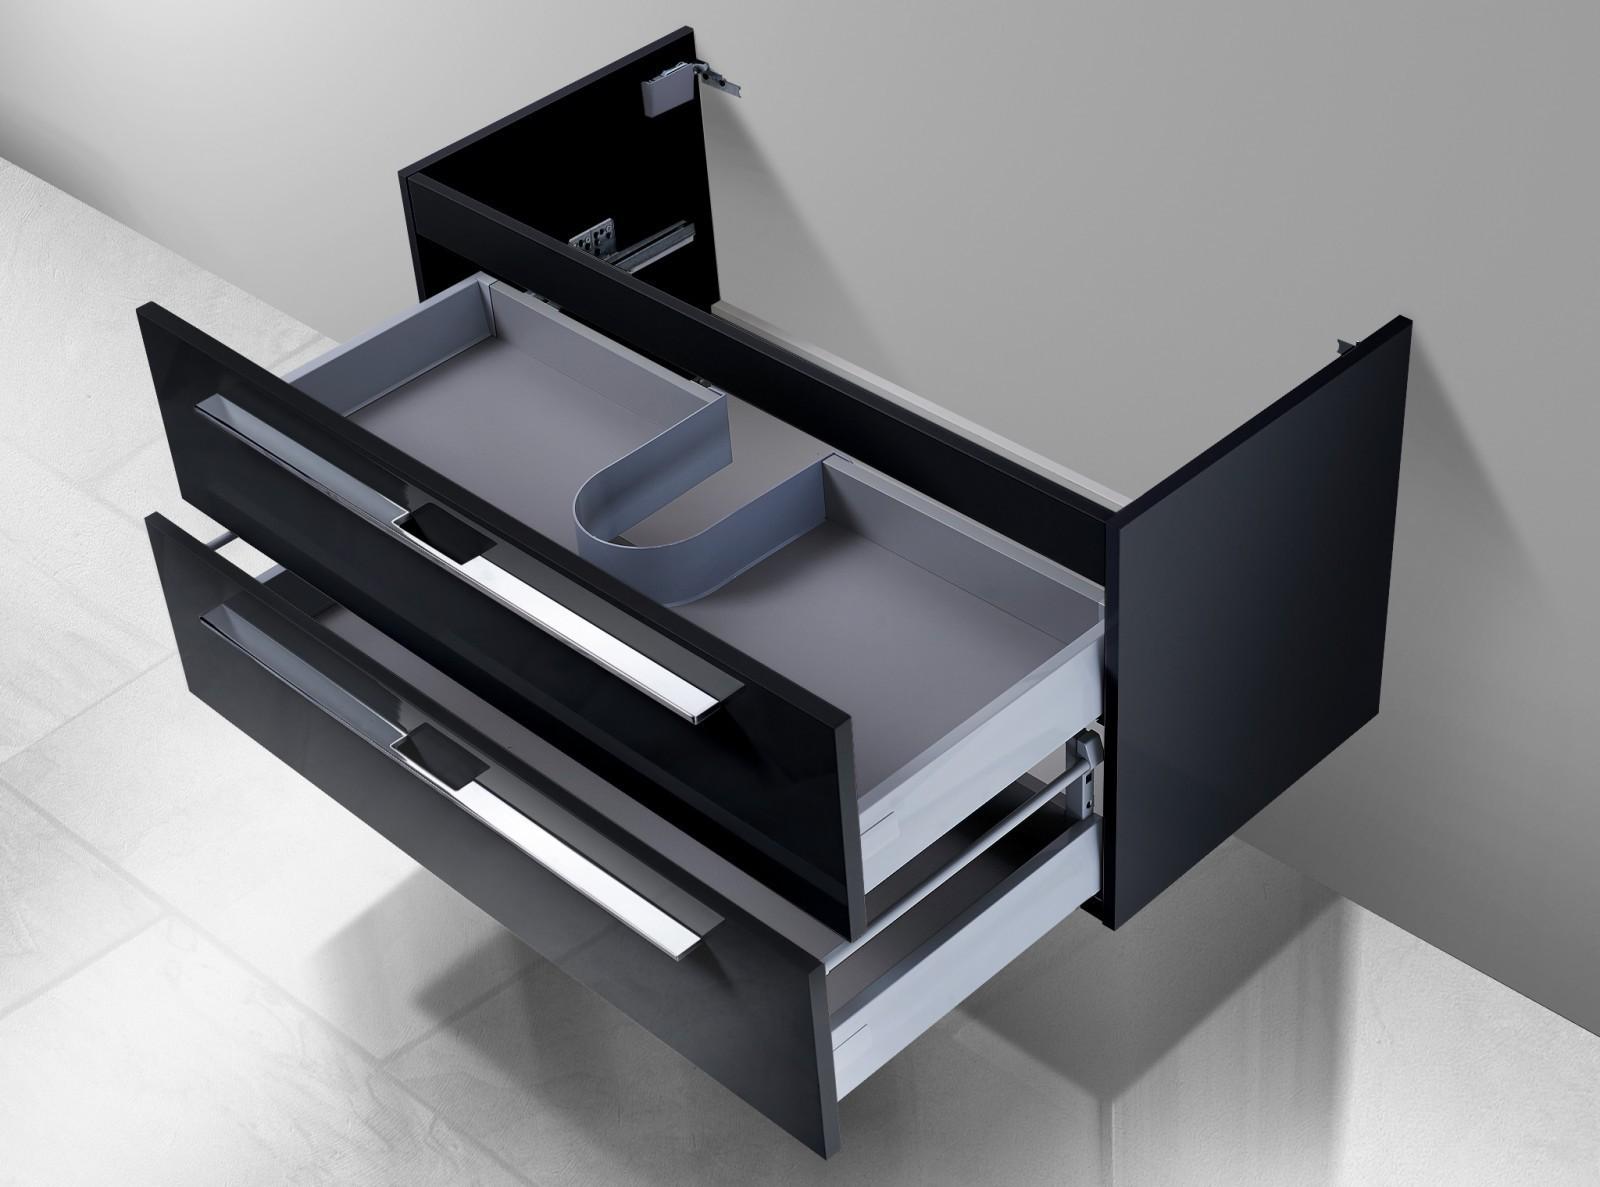 unterschrank zu villeroy boch subway 2 0 130 cm waschbeckenunterschrank 1243. Black Bedroom Furniture Sets. Home Design Ideas